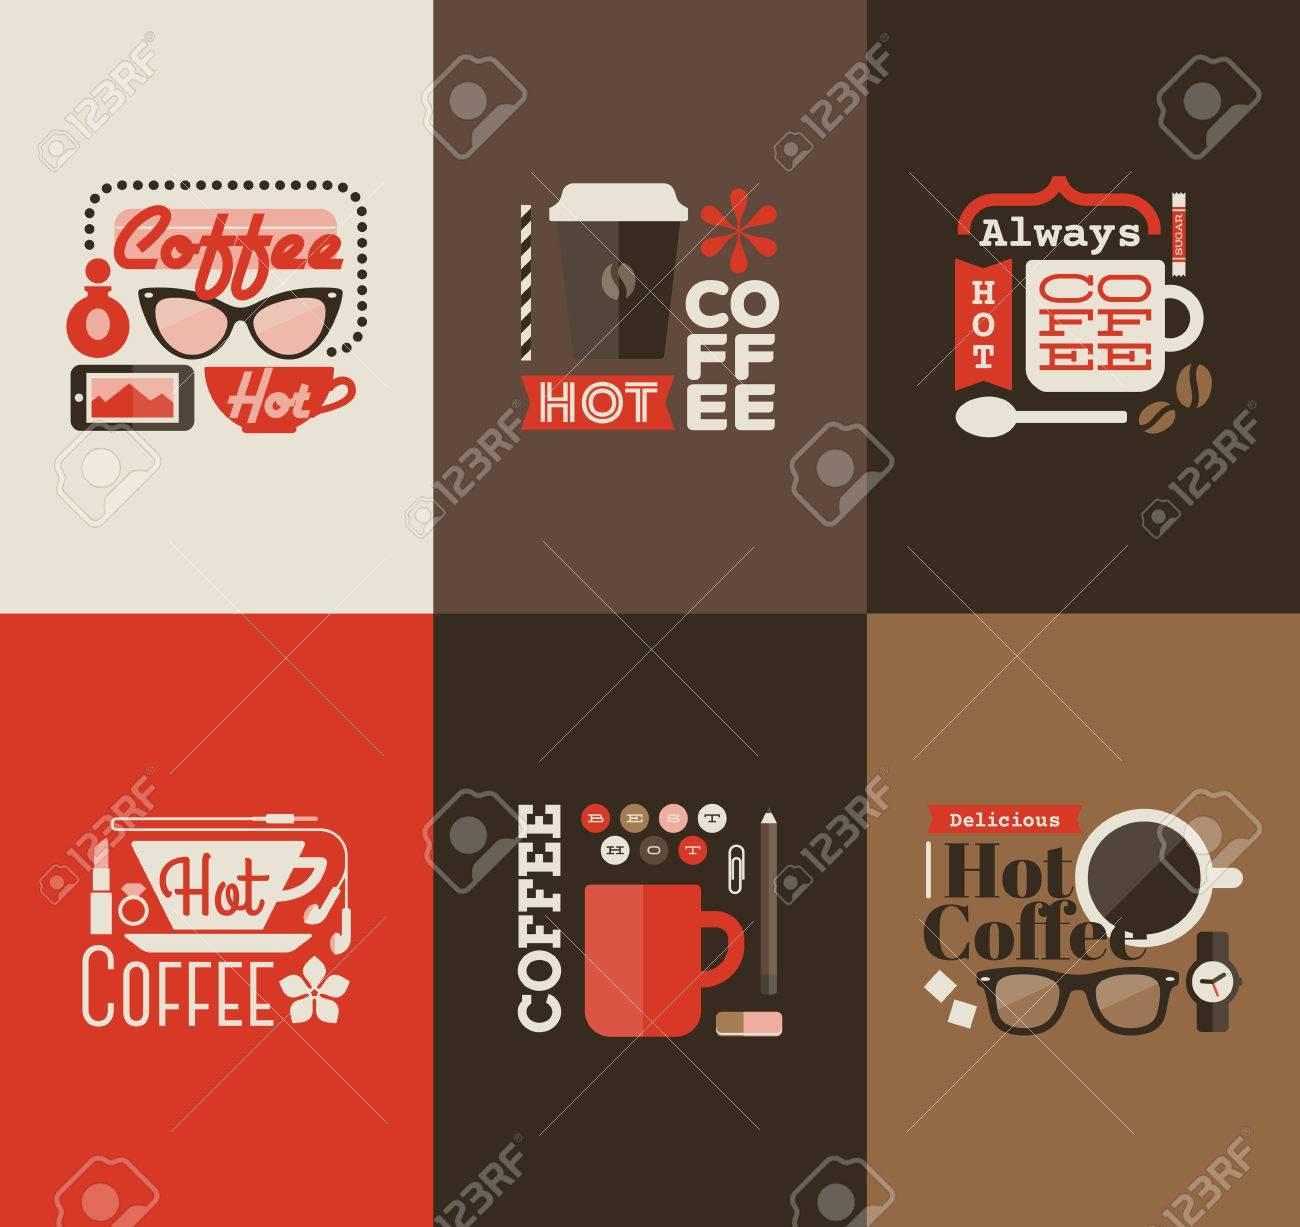 Hot coffee - Set of vector design elements Stock Vector - 24914026